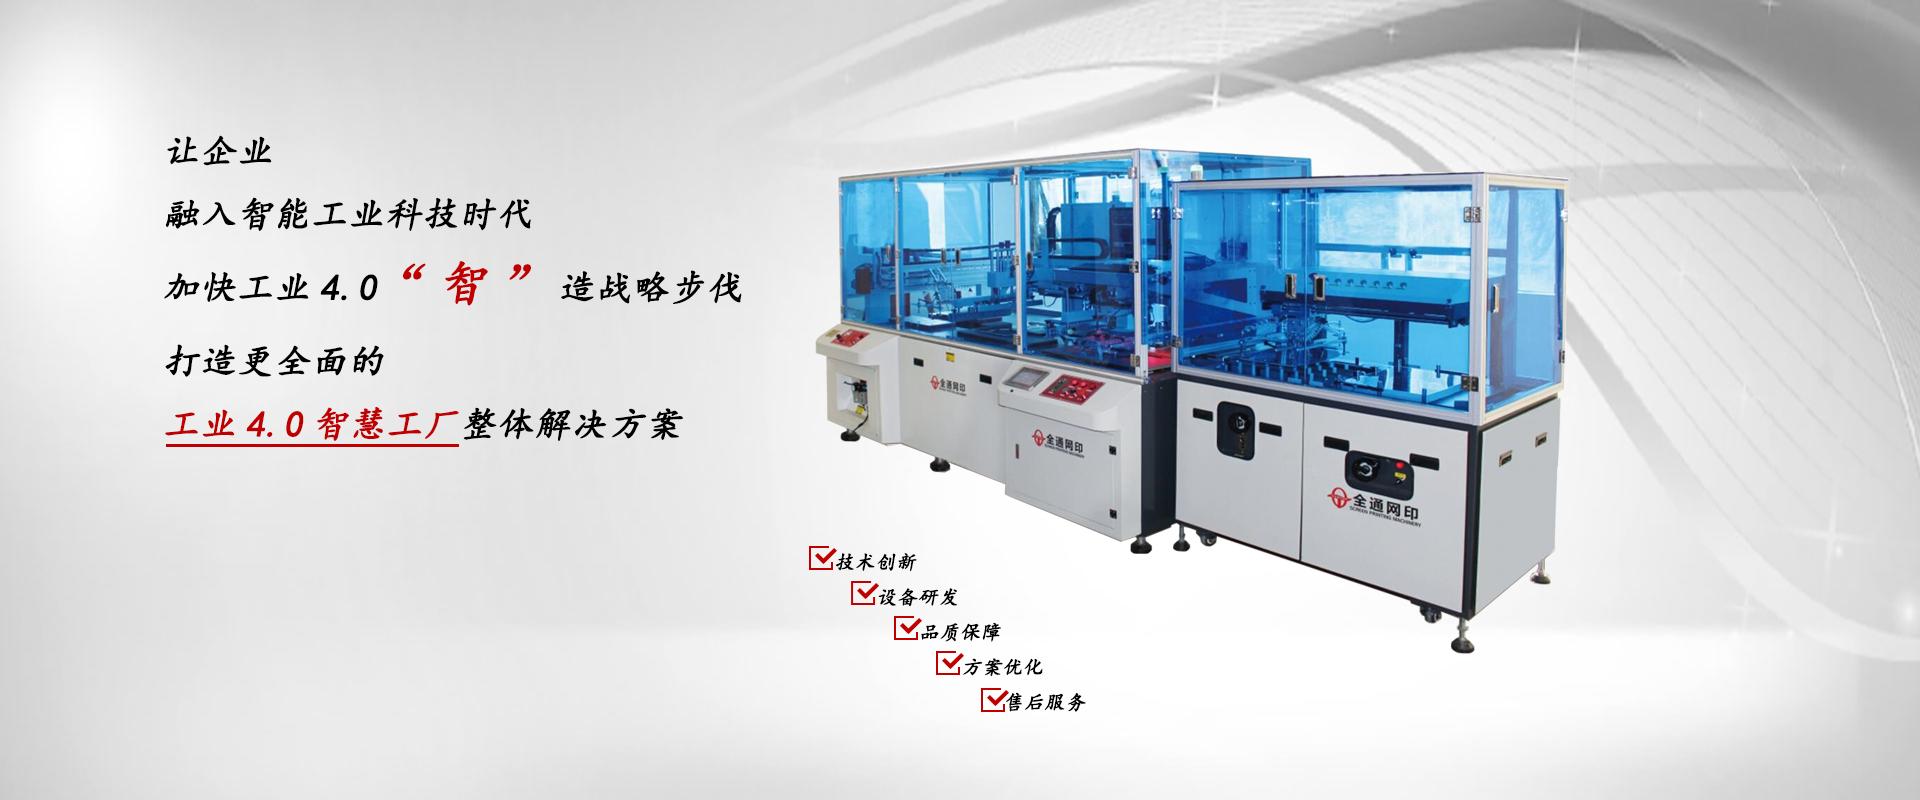 全自动CCD视觉定位丝印机(穿梭式带视觉CCD)